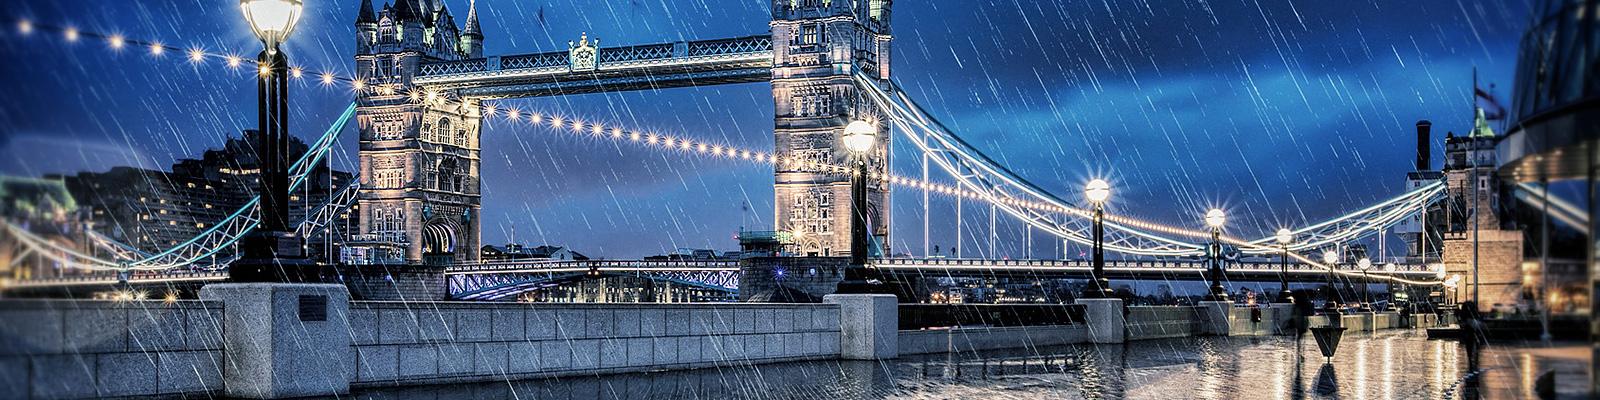 イギリス 街灯 イメージ